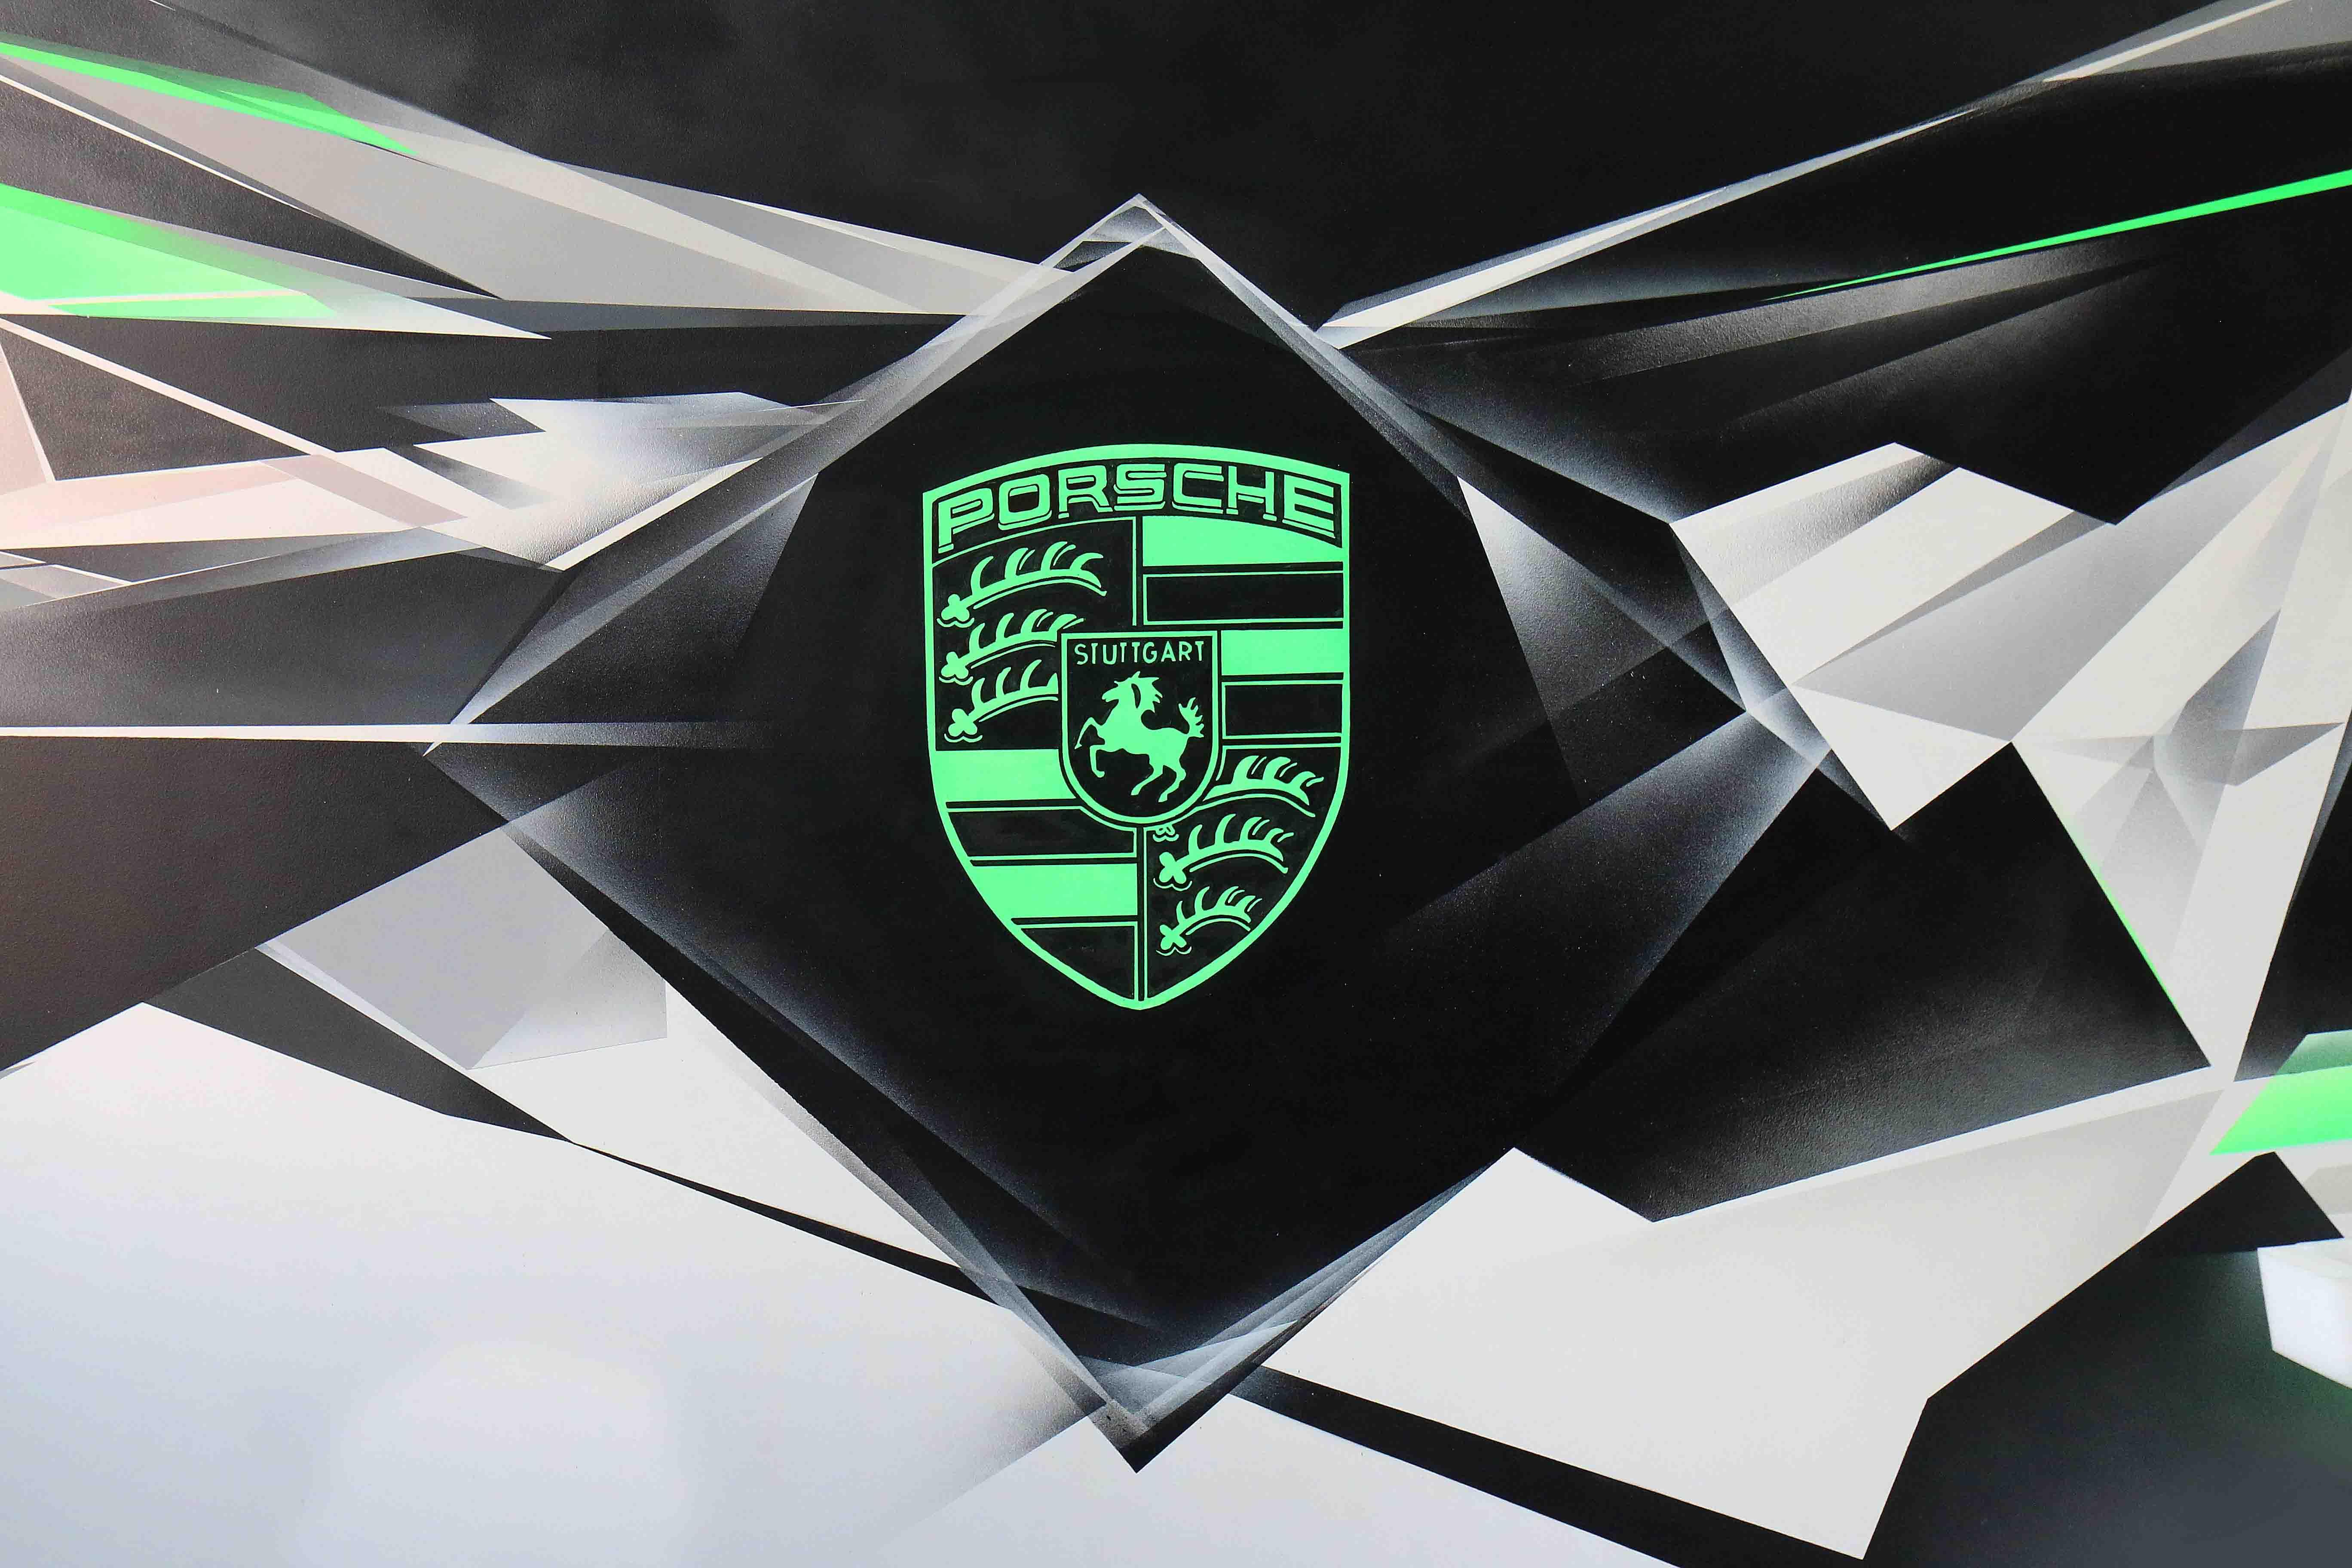 logo porsche vert fluo d'autoperformance 60 à compiègne réalisé par frederic michel langlet fresque sur mesure